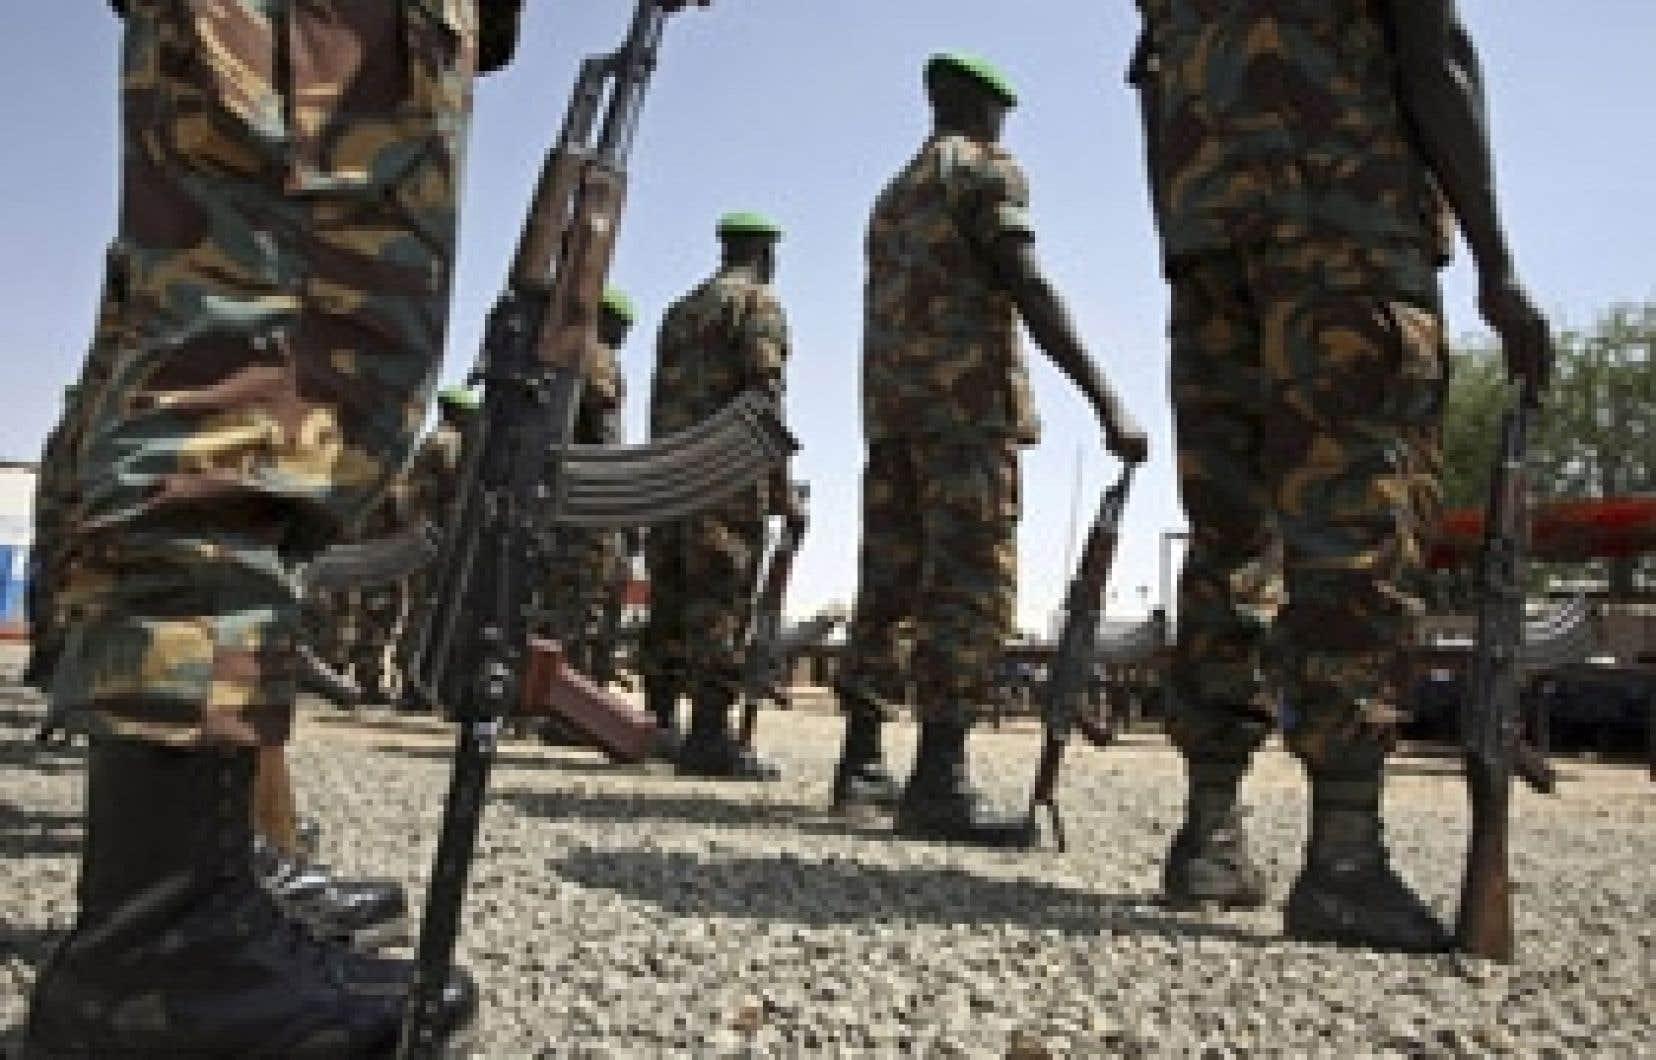 Des soldats de l'AMIS à l'entraînement. L'armée soudanaise a lancé hier une offensive contre Haskanita, en représailles au raid qui a tué dix soldats de cette force de maintien de la paix.